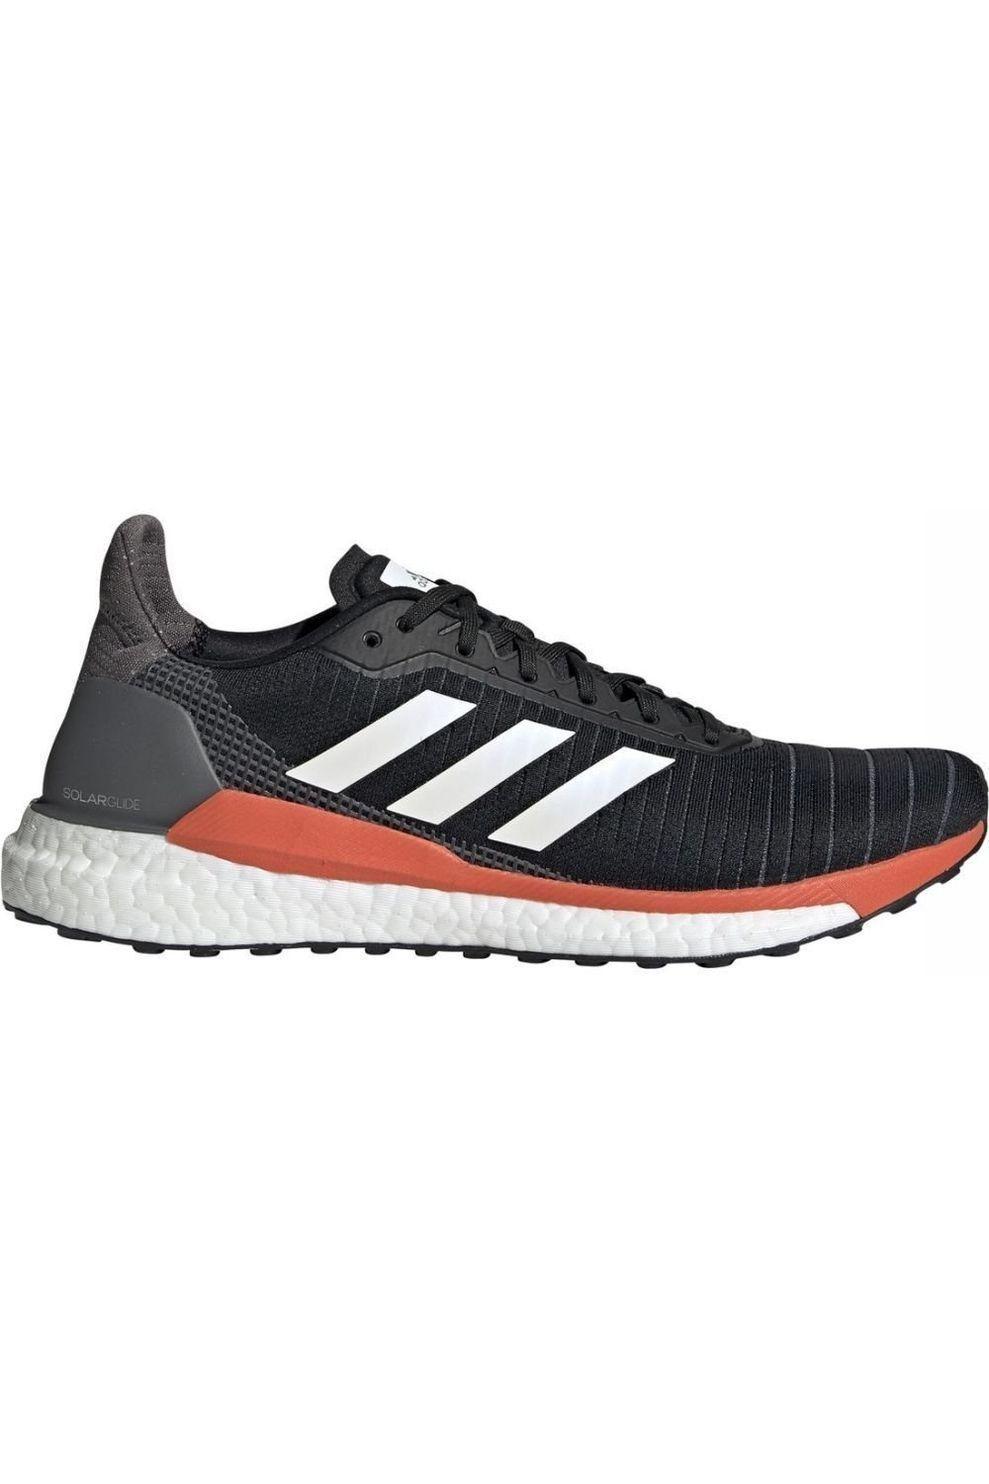 adidas Schoen Solar Glide 19 voor heren - Zwart - Maten: 7.5, 10.5